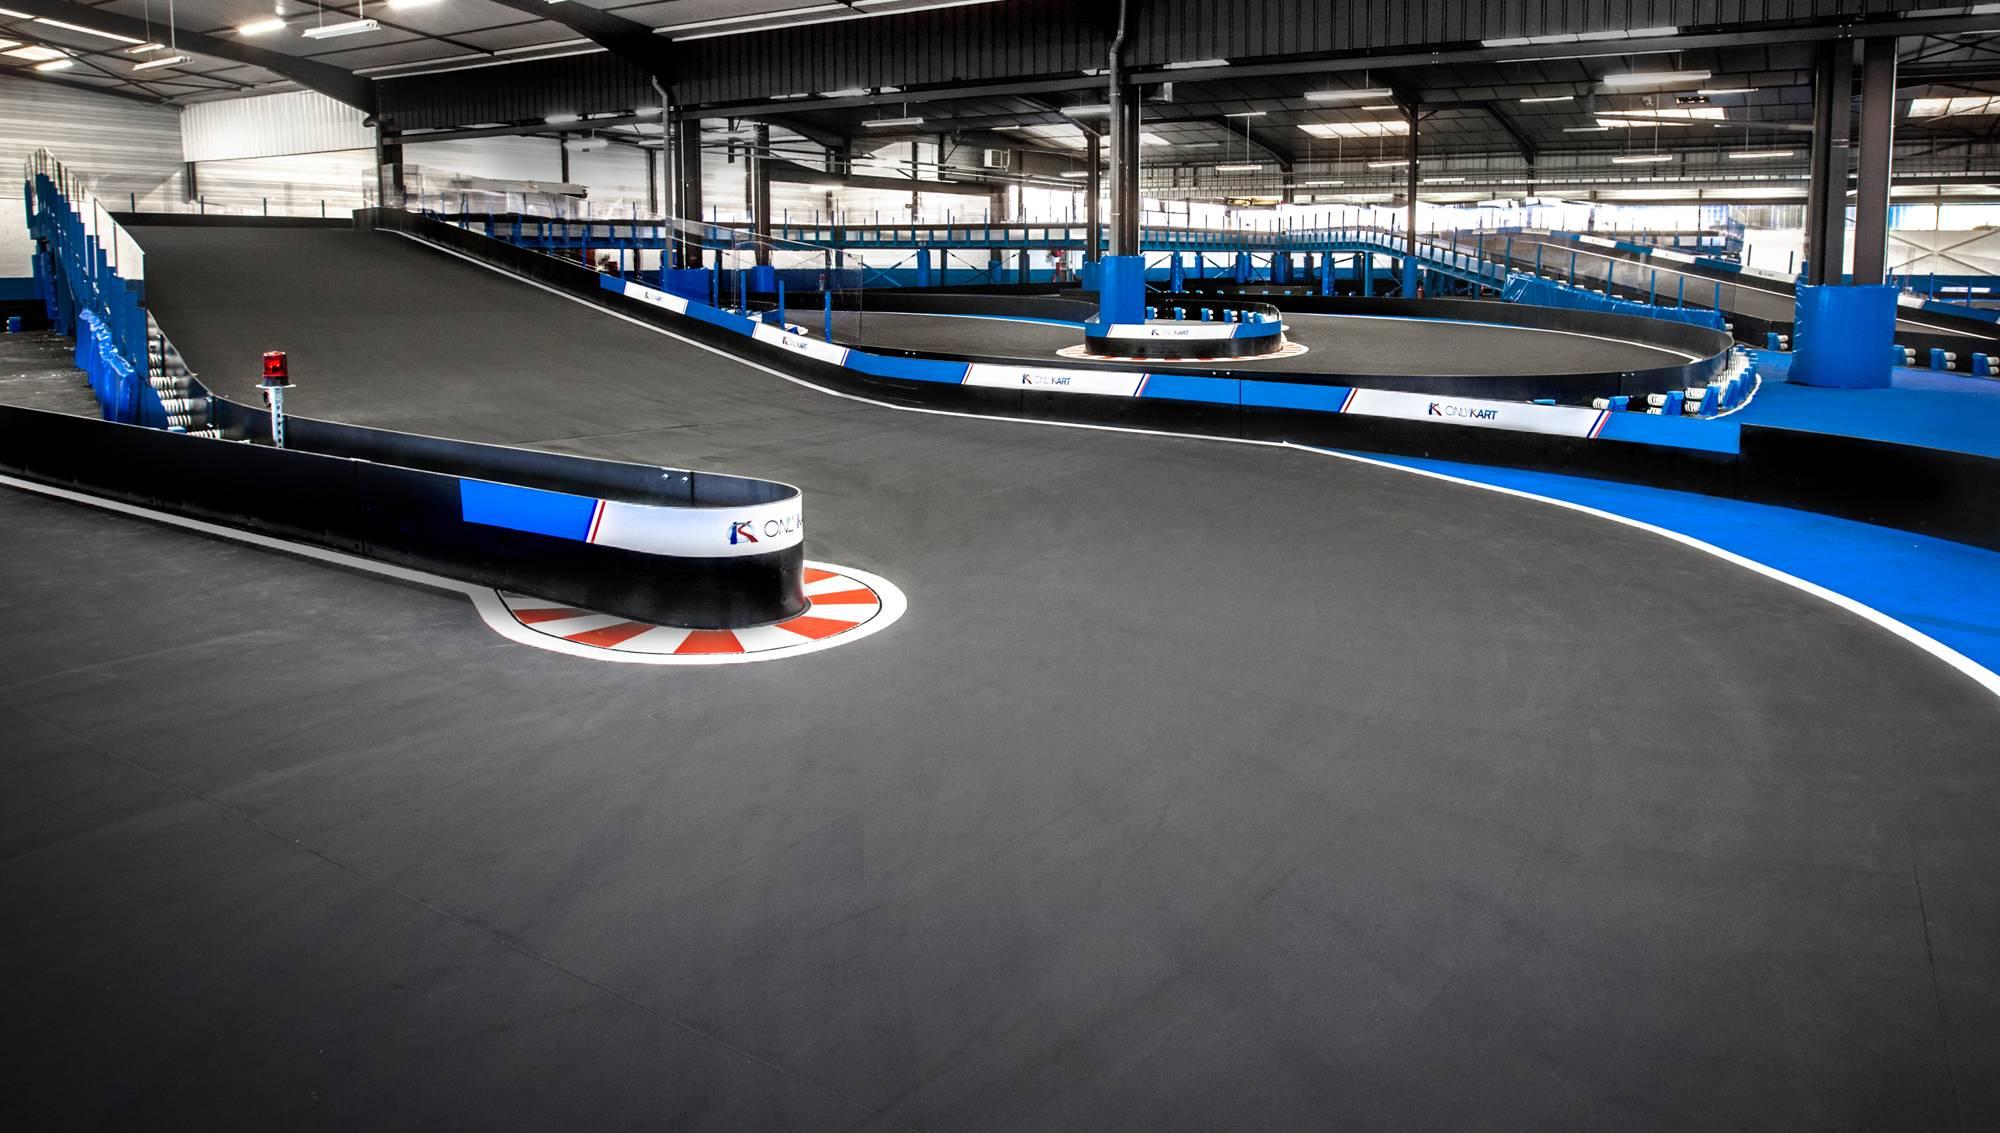 karting indoor à lyon avec piste multi-niveaux